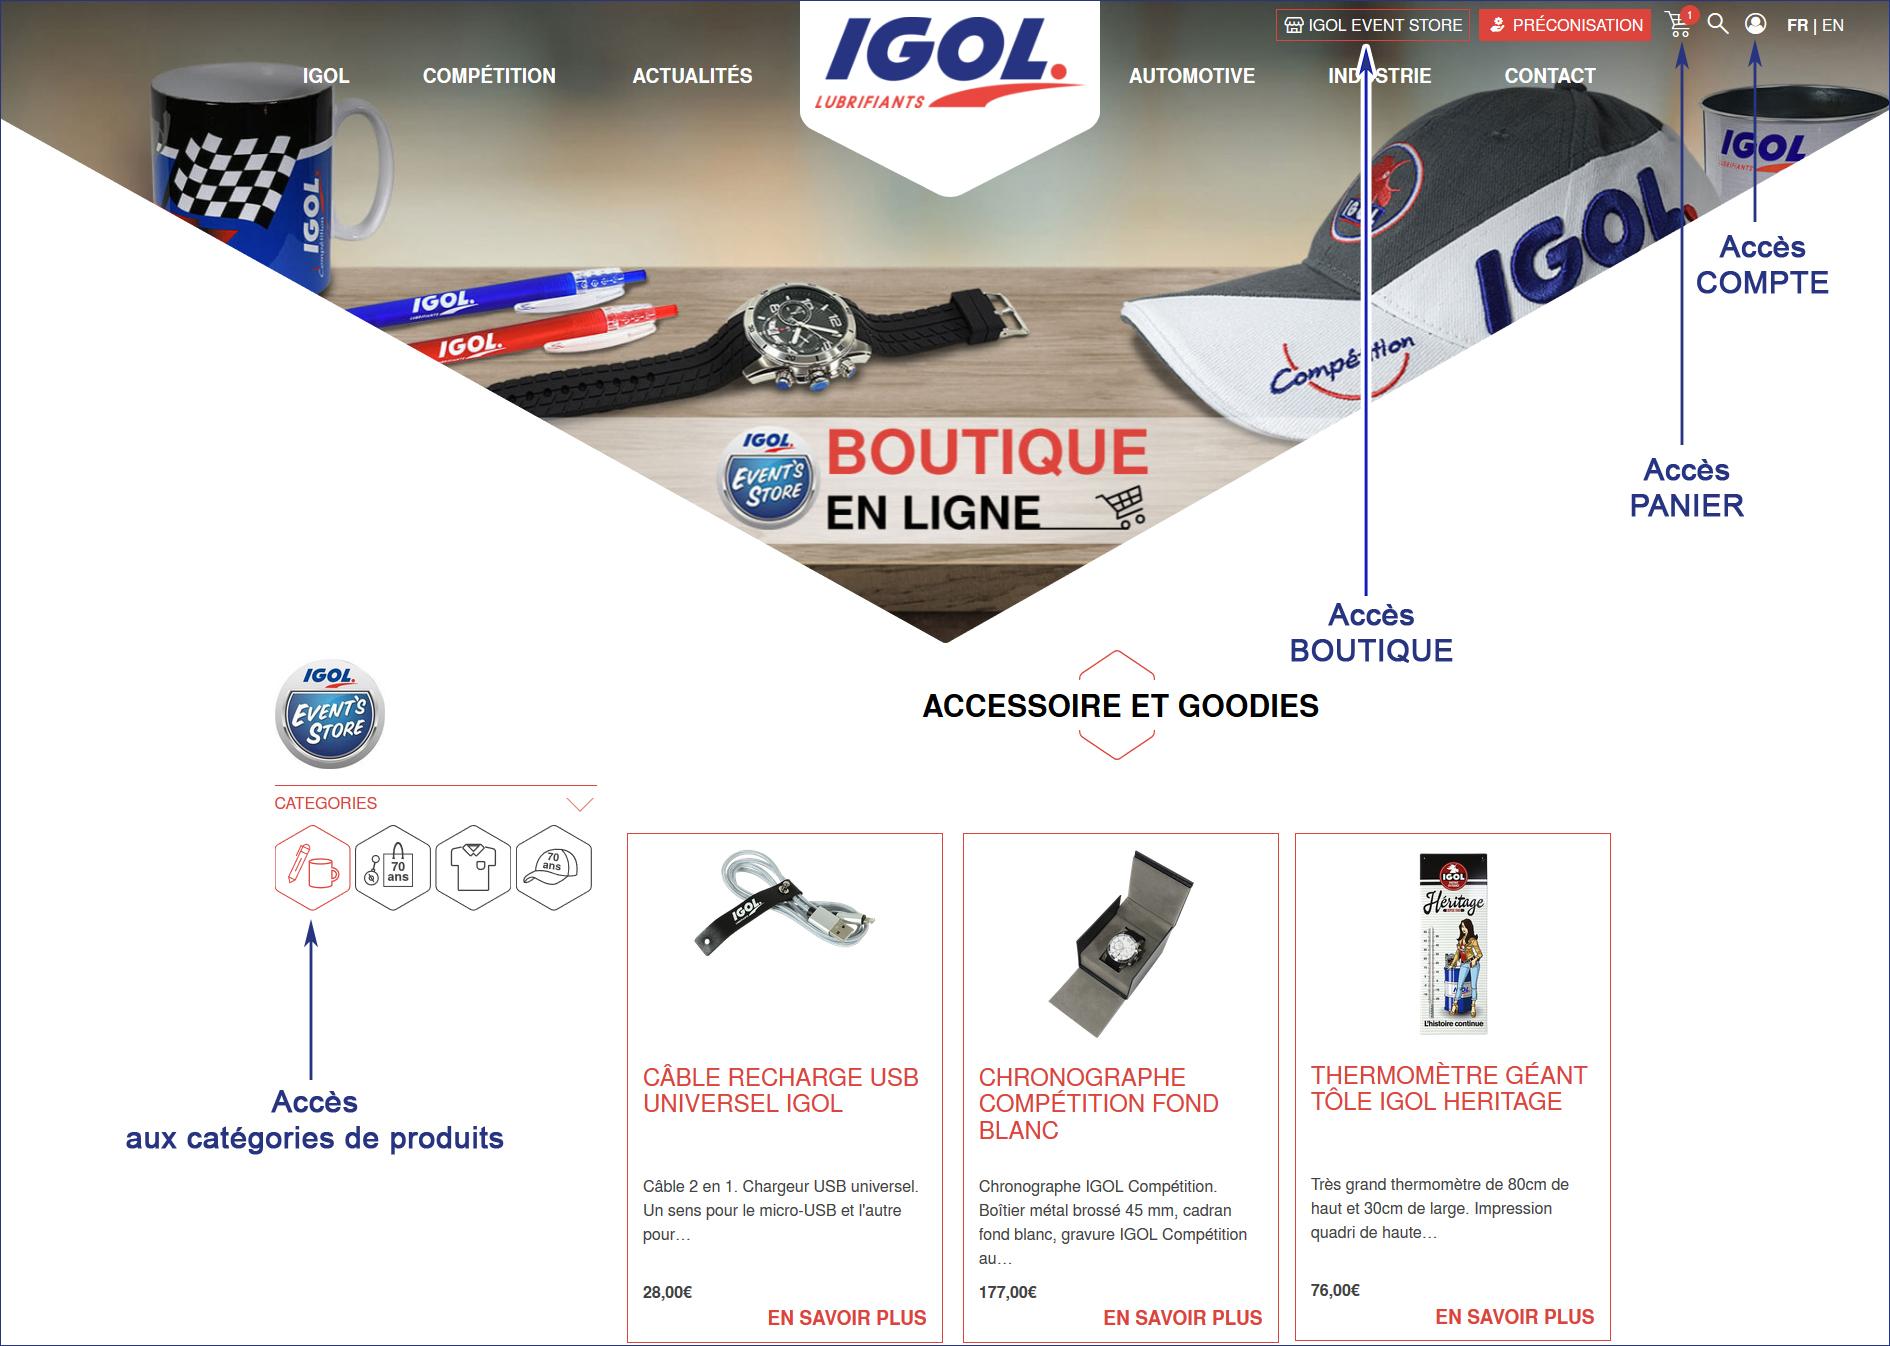 IGOL LANCE SA BOUTIQUE EN LIGNE : IGOL EVENT STORE ! dans - - - NEWS INDUSTRIE aide-commande-boutique-igol